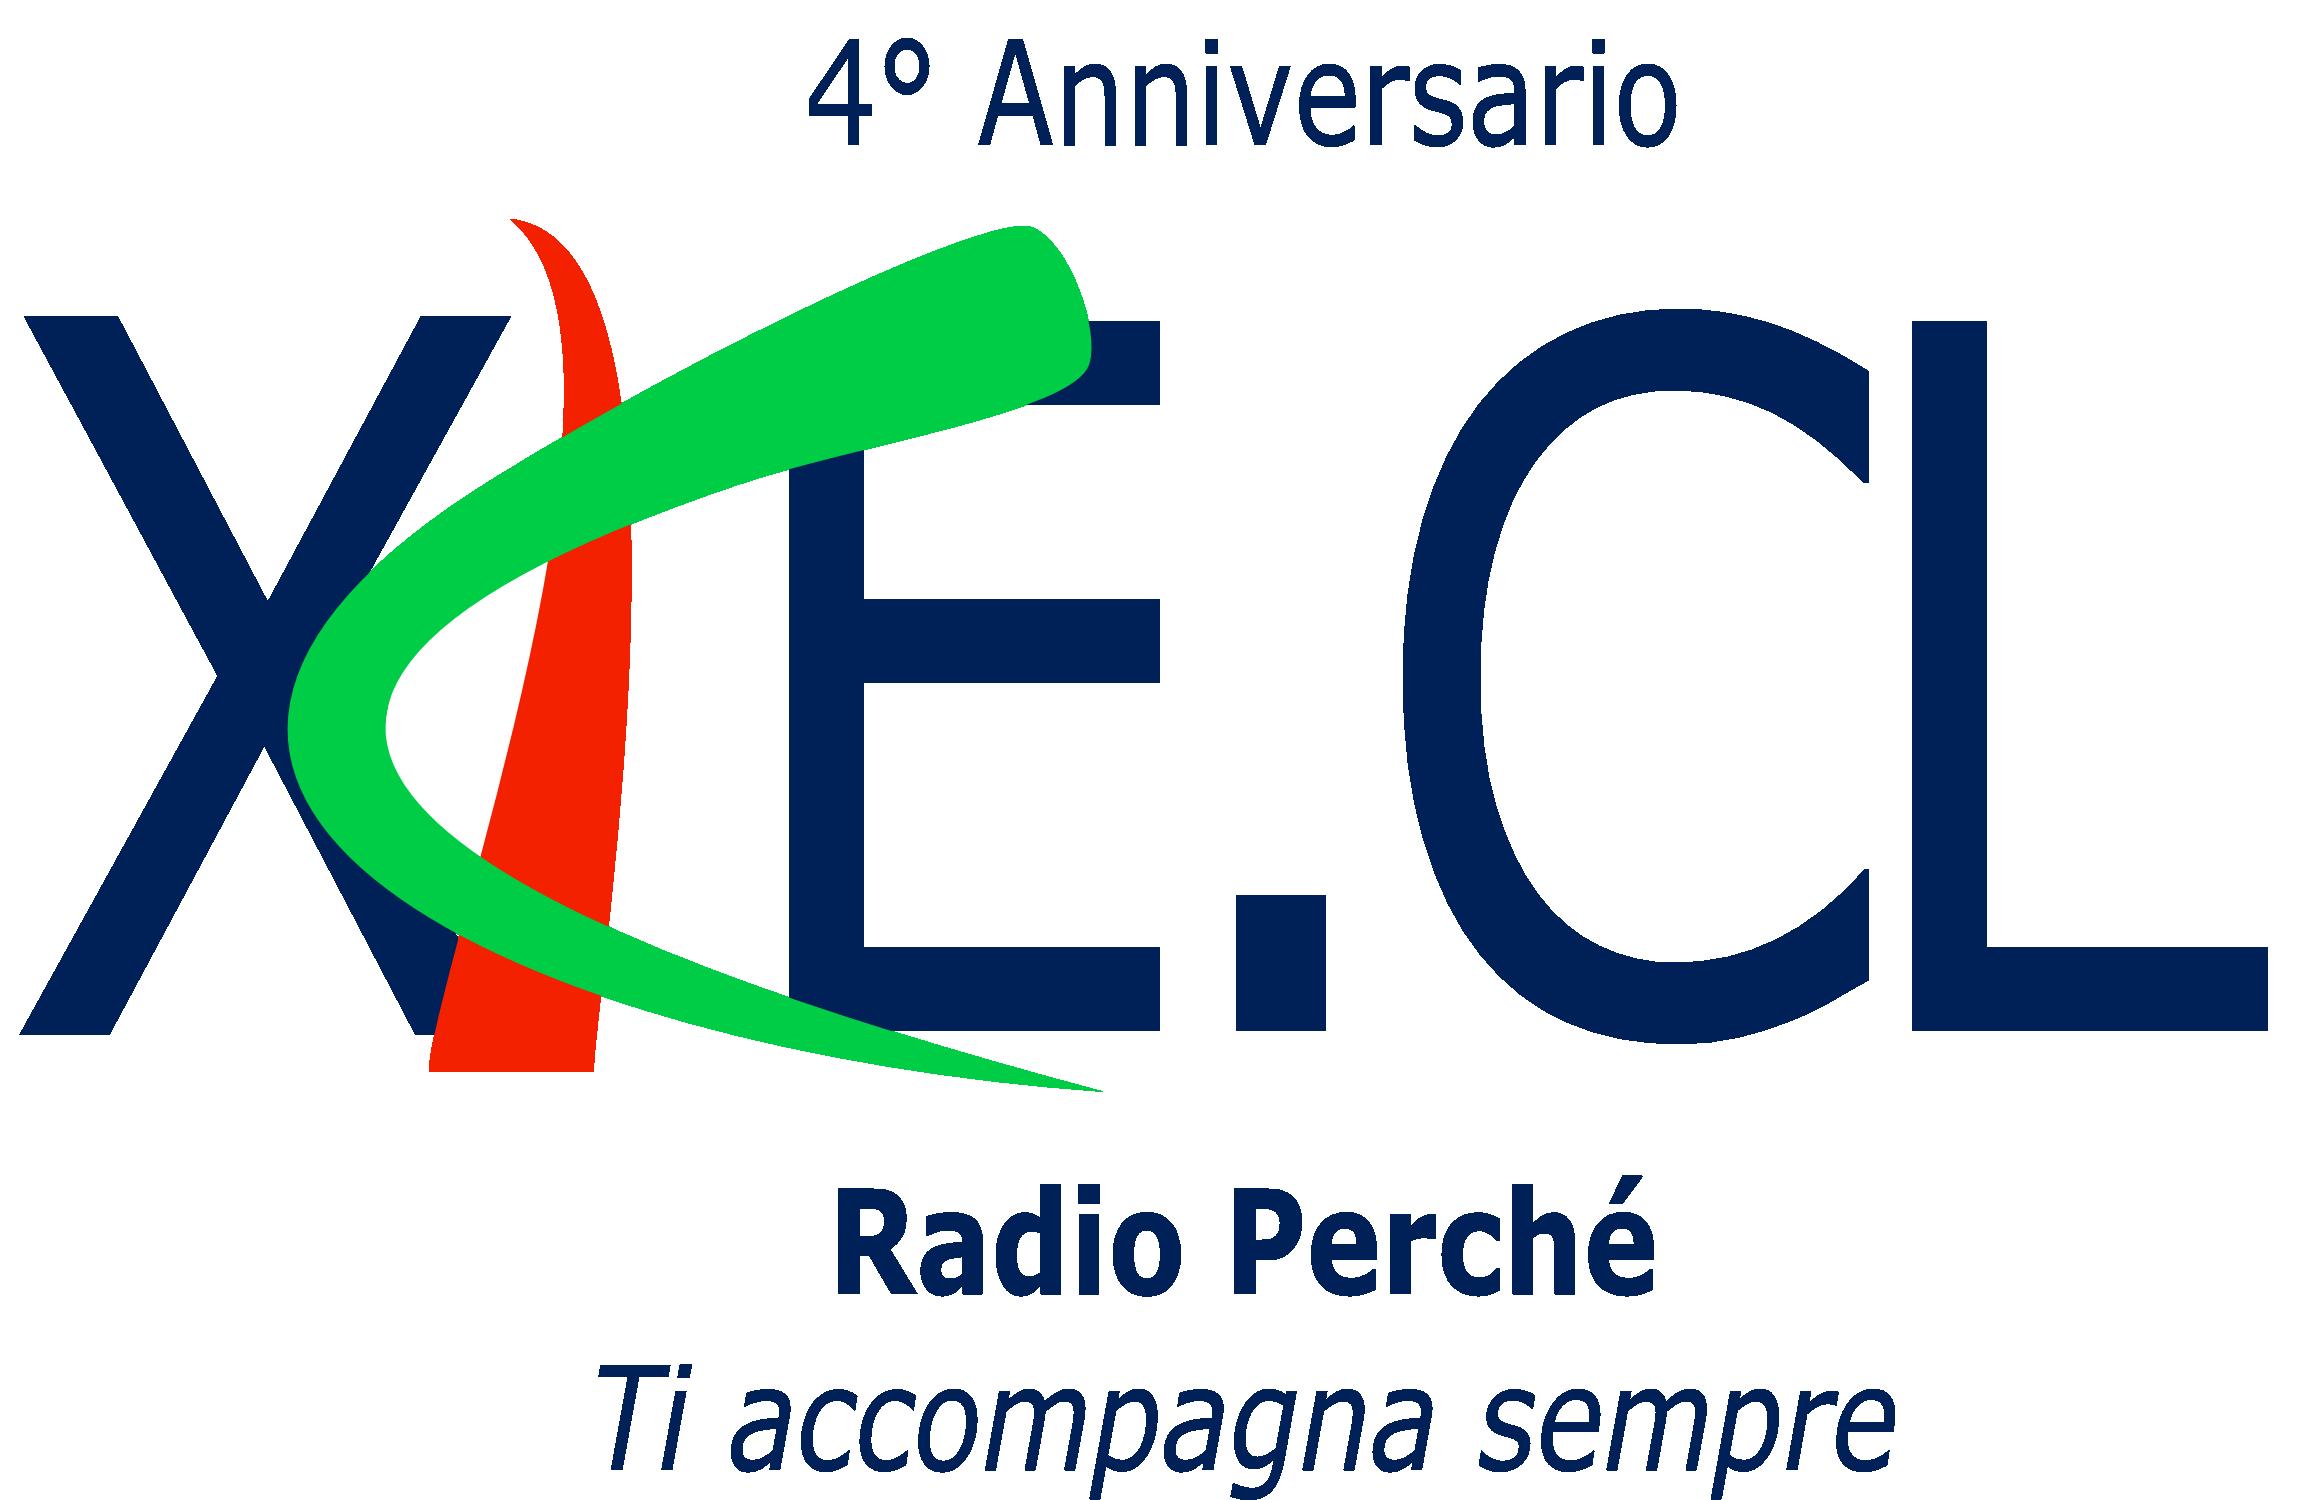 XKE.cl La radio italiana en Chile